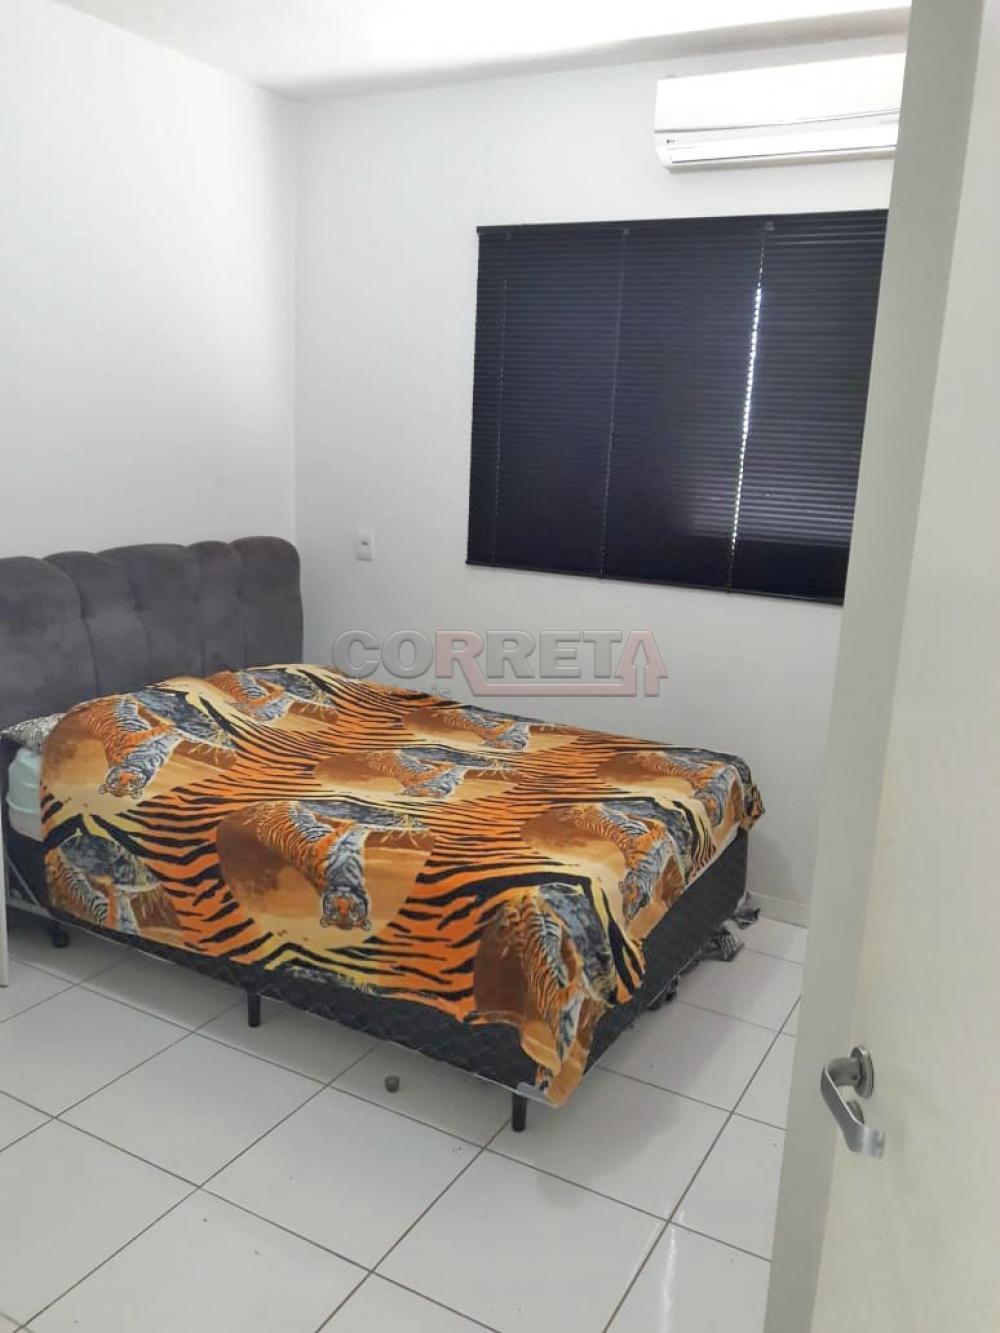 Comprar Apartamento / Padrão em Araçatuba apenas R$ 210.000,00 - Foto 4